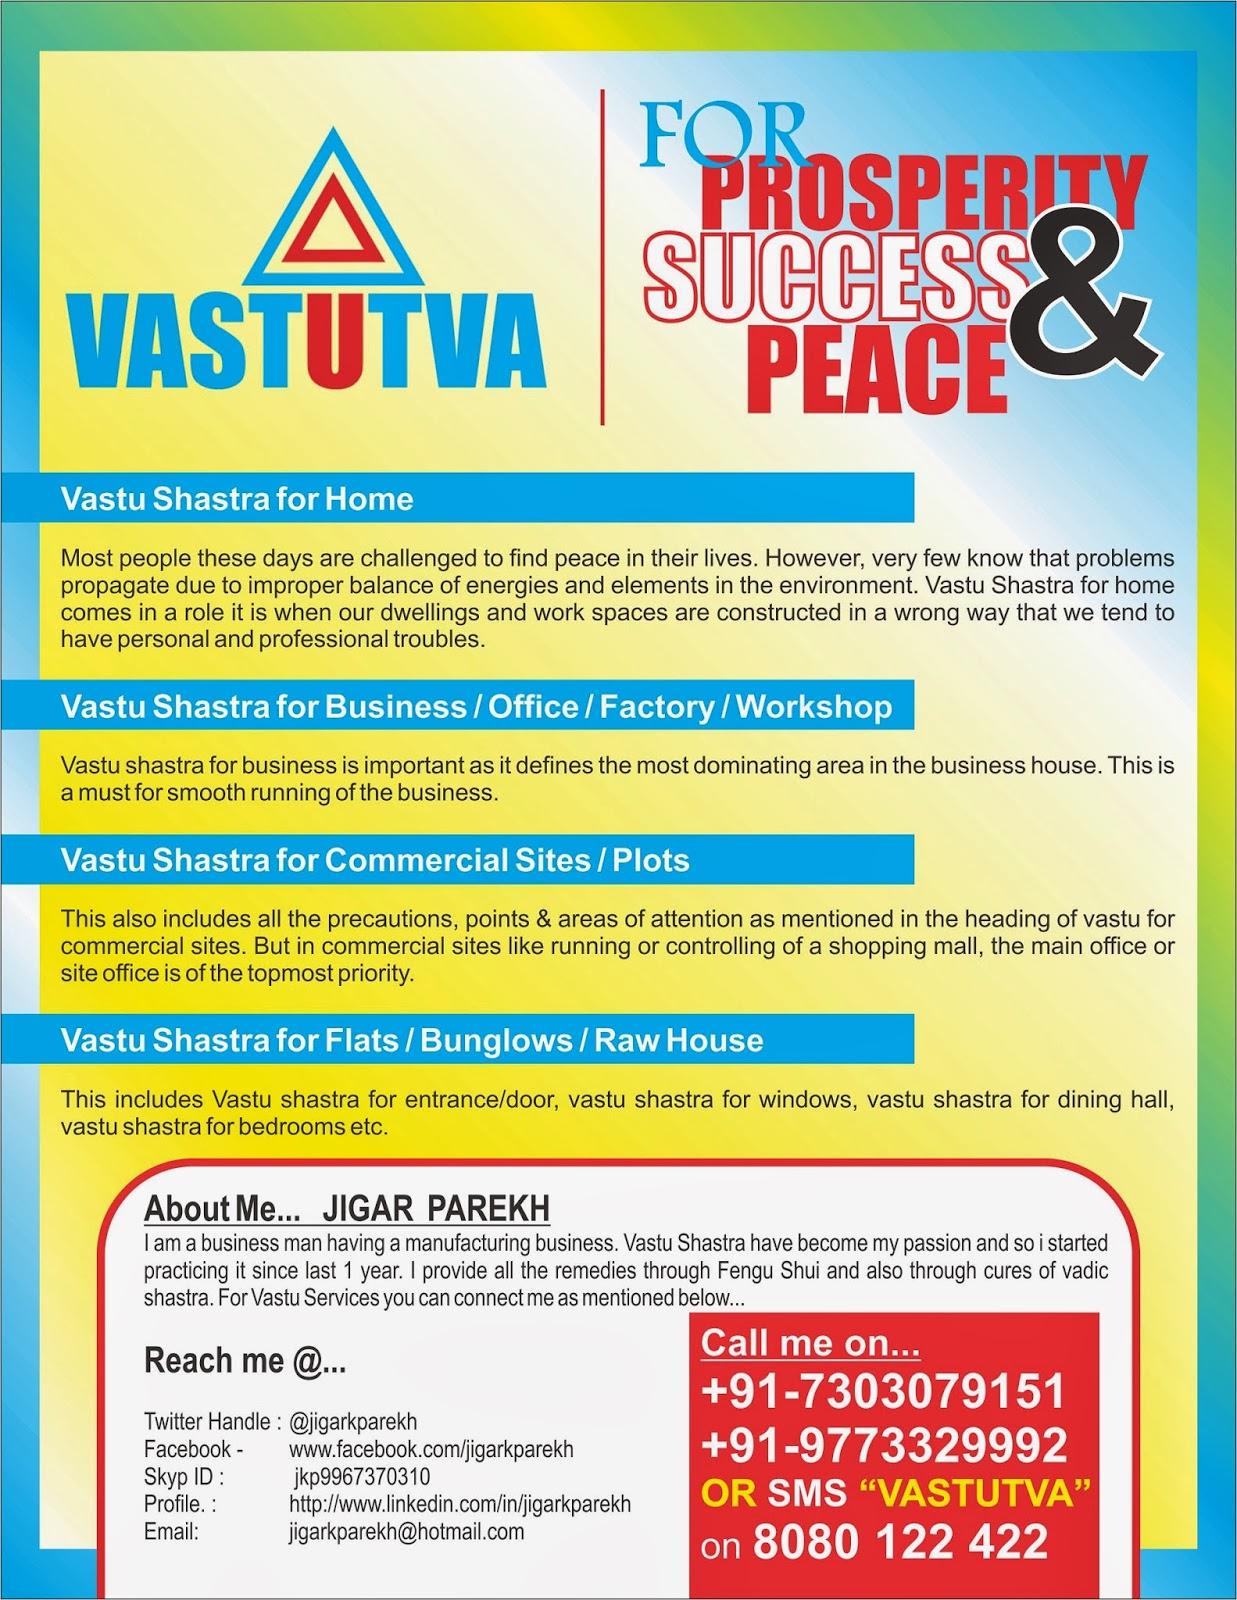 VASTUTVA - : About Vastutva